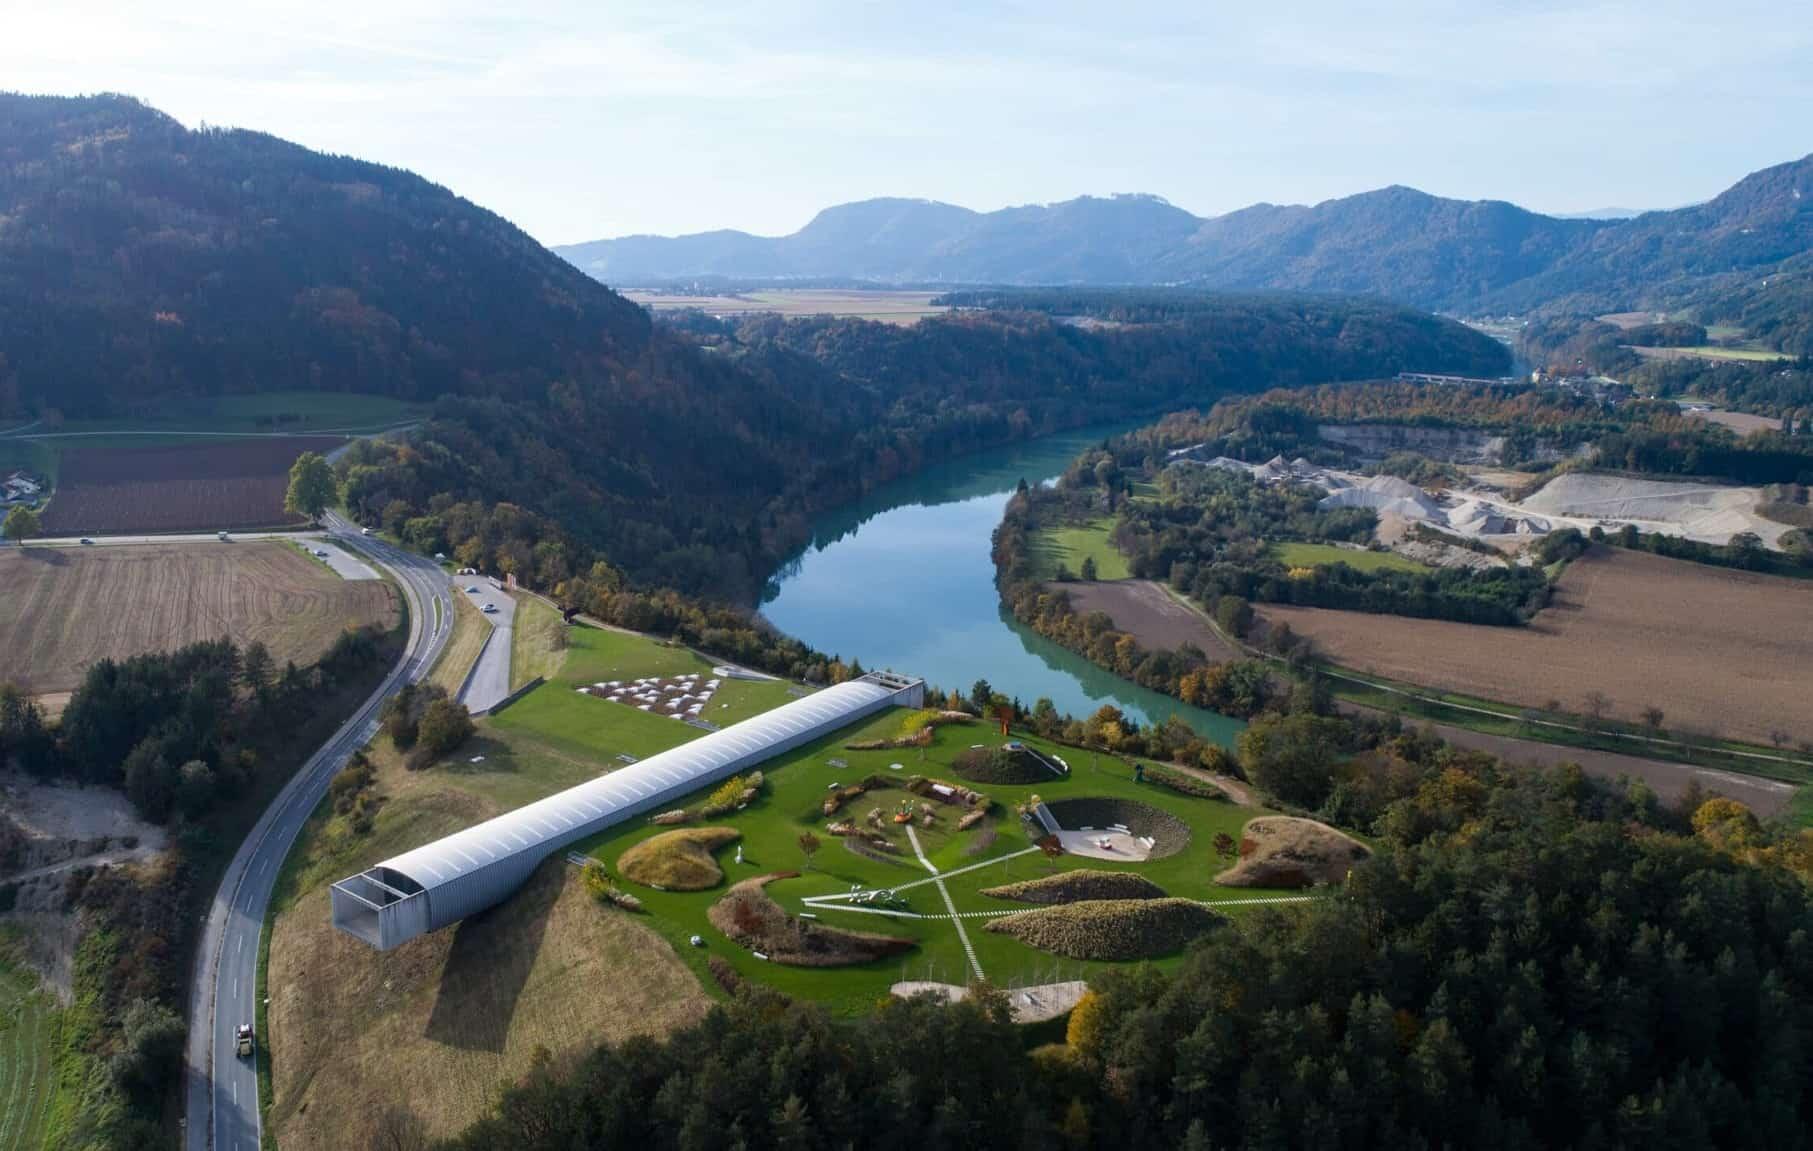 Museum Liaunig im Lavanttal mit Gebäude und Skulpturenpark - Ausflugsziel in Kärnten, Österreich